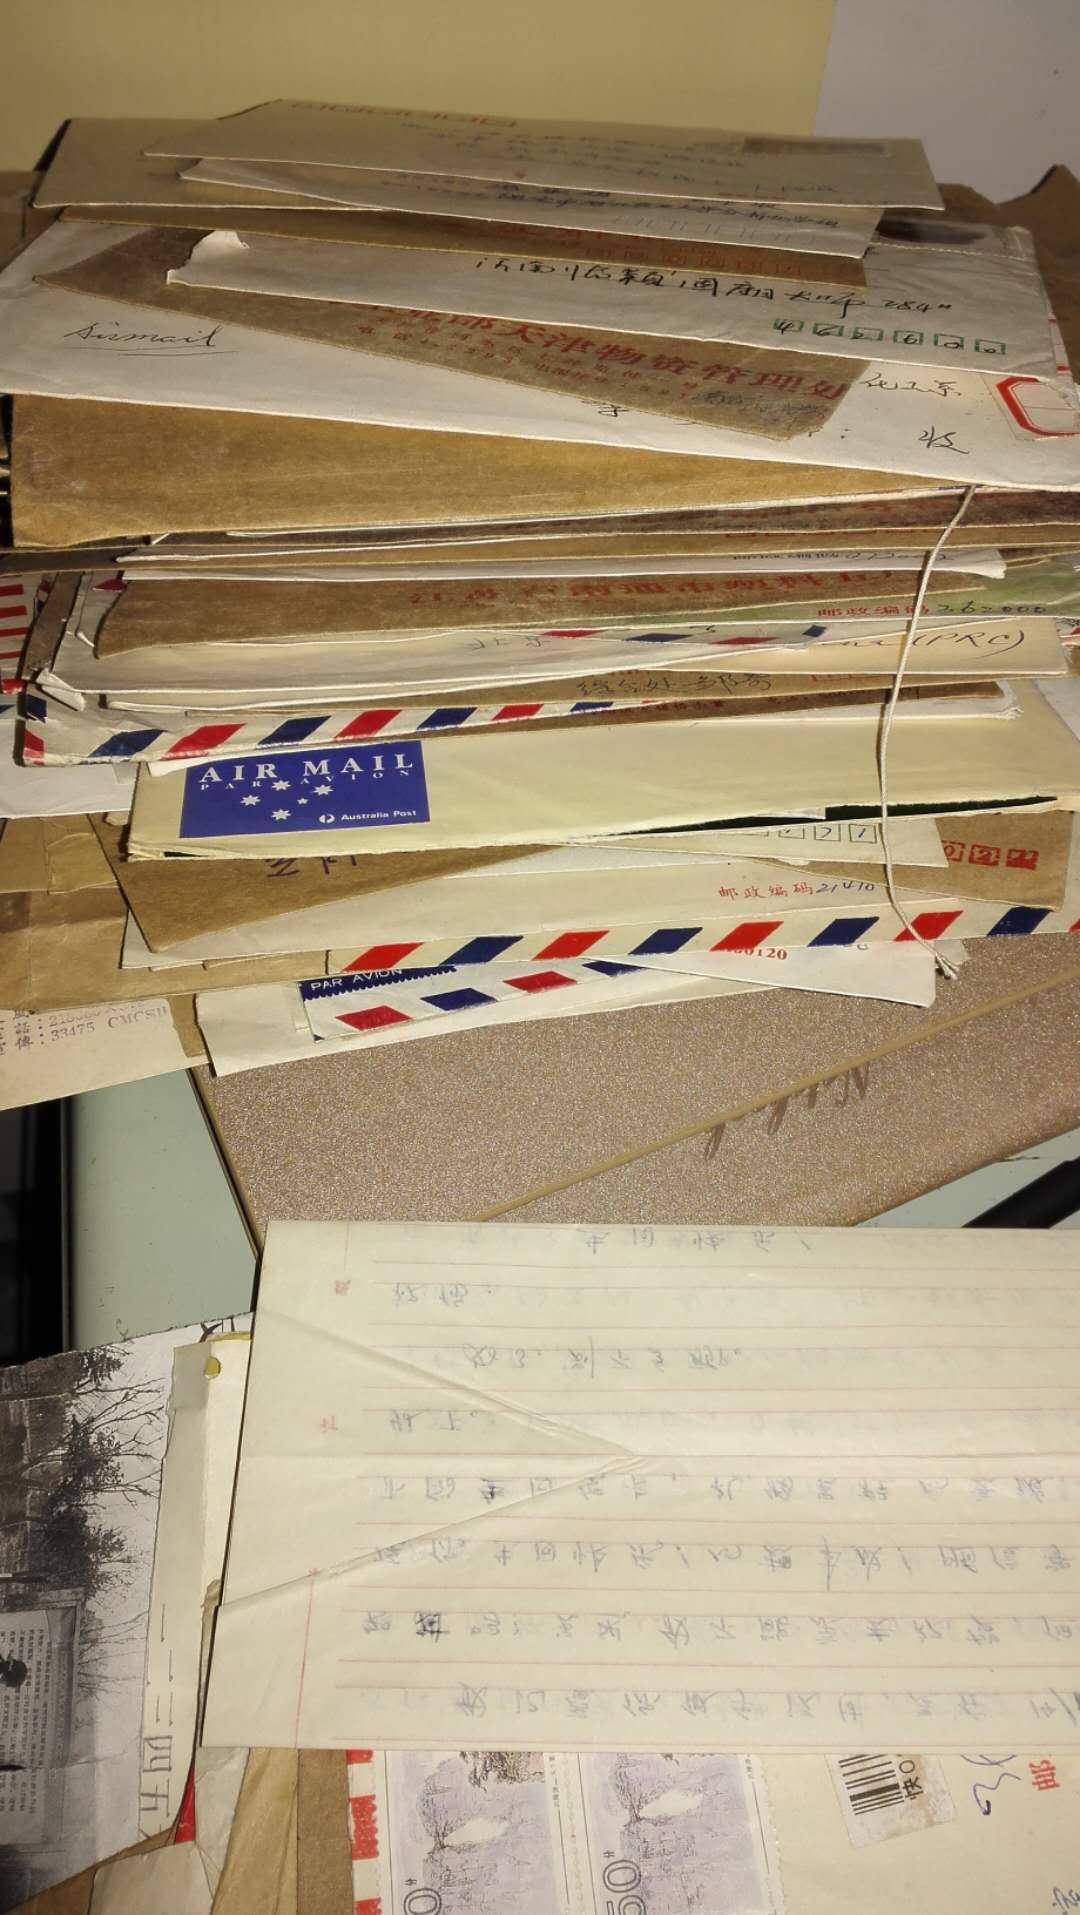 [收藏集邮怀旧老信件道具 研究发现发掘价值] высокая [校老师知识分子信札]